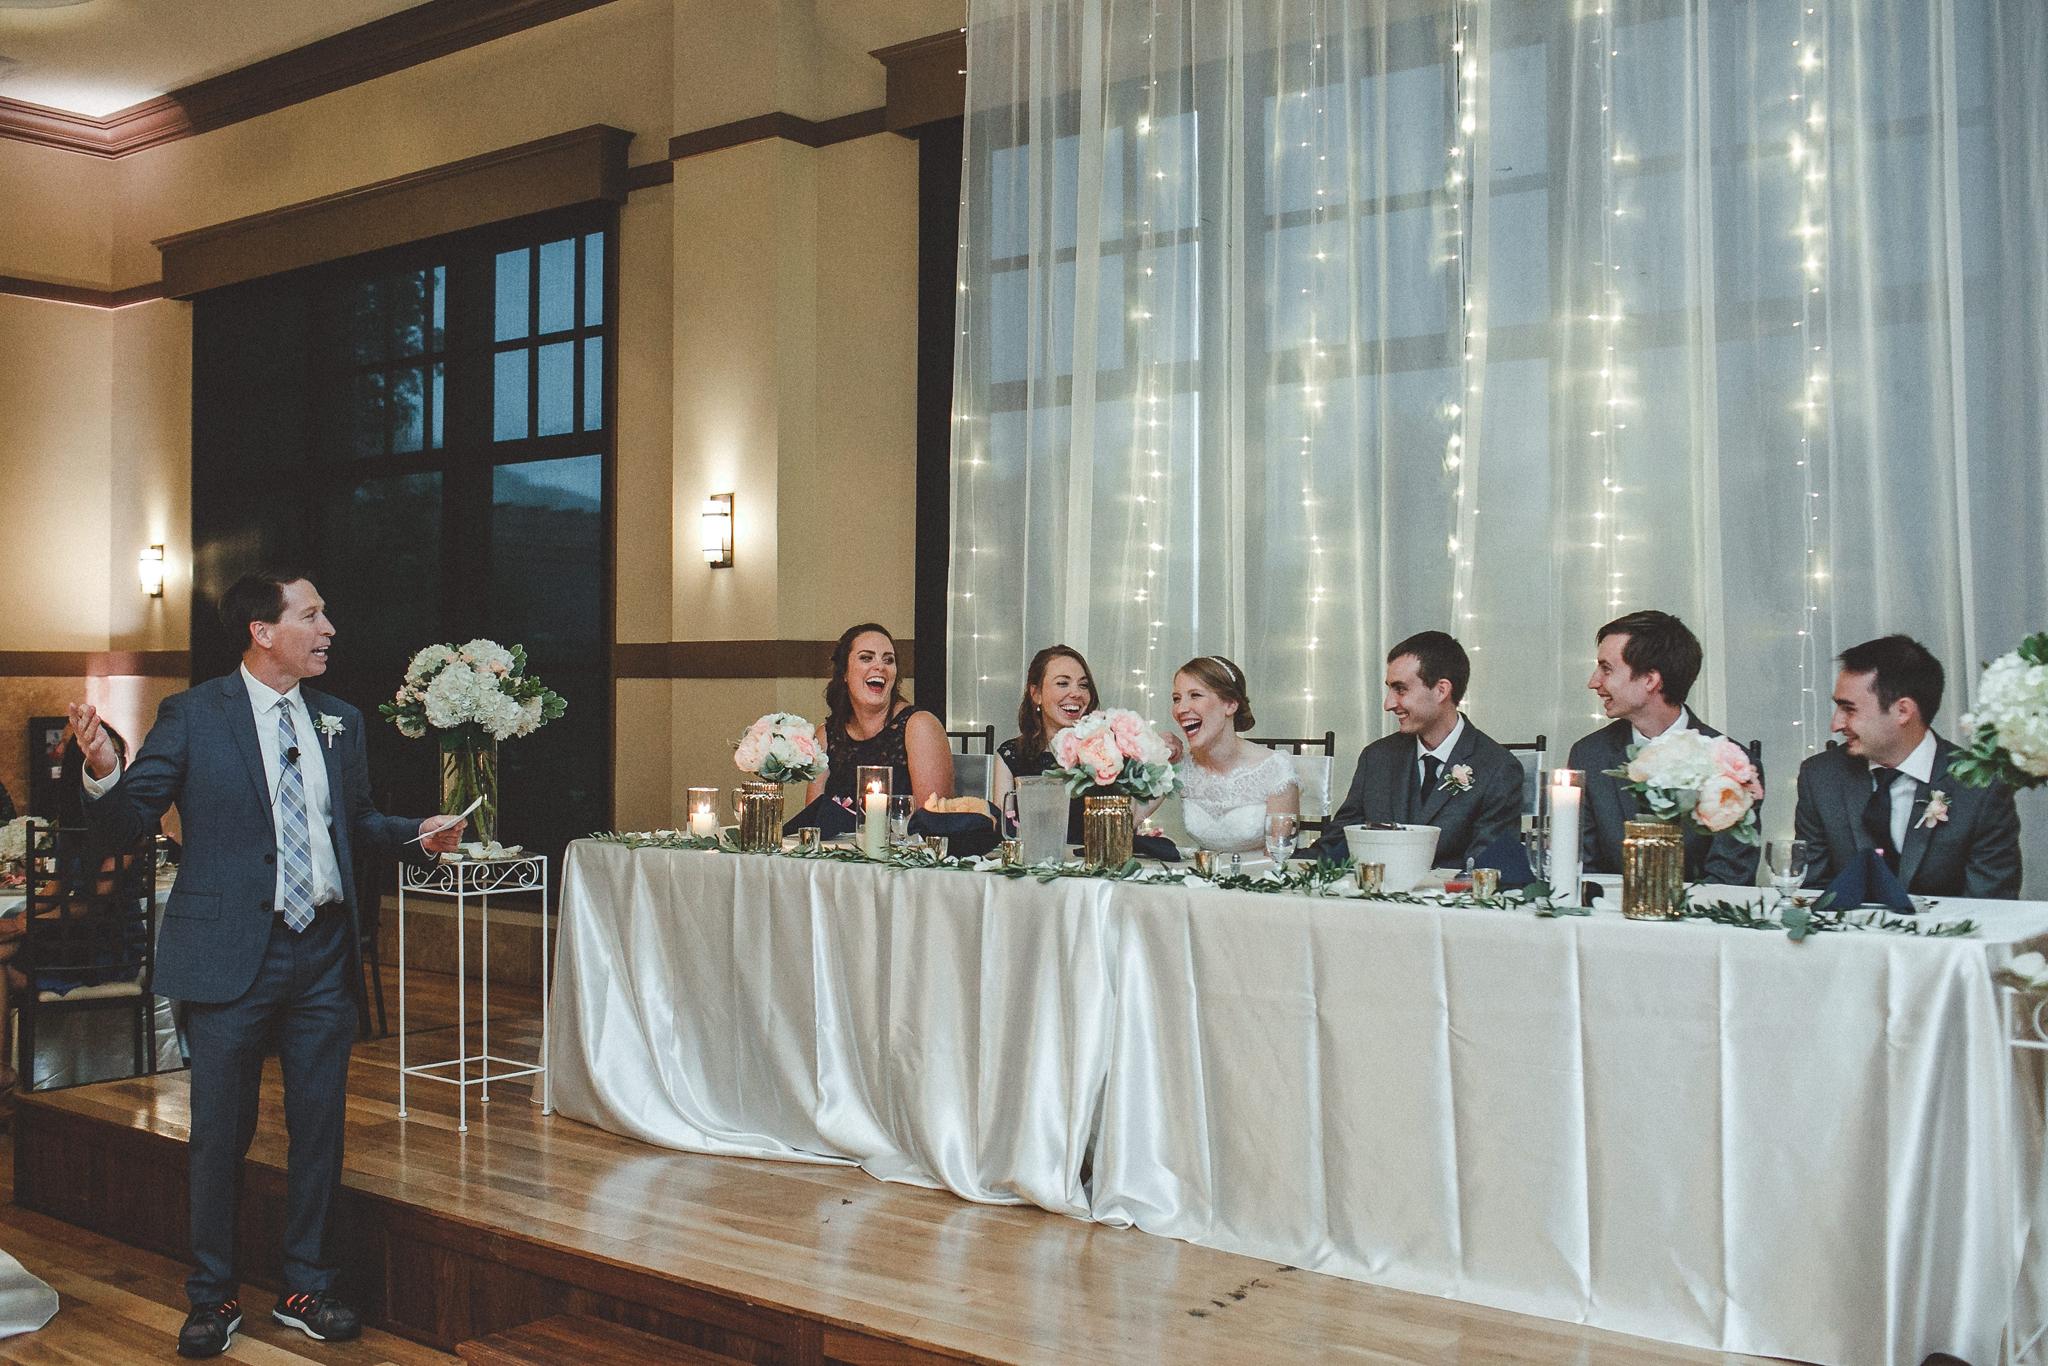 noahs_event_venue_naperville_IL_wedding_photographer_0063.jpg